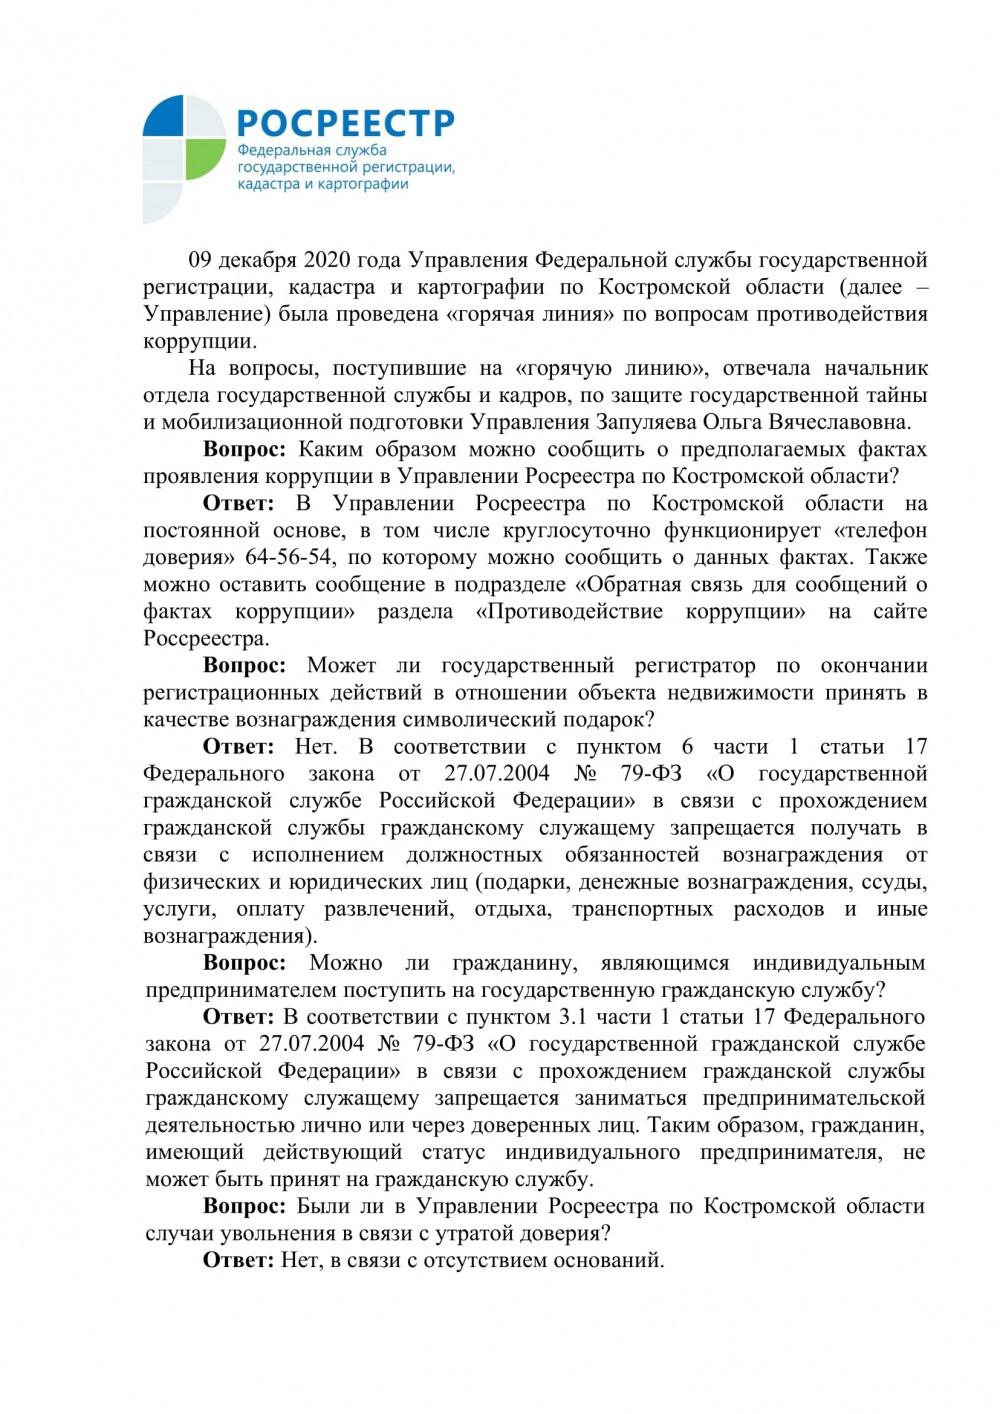 Итоги горячей линии 09.12.2020г.